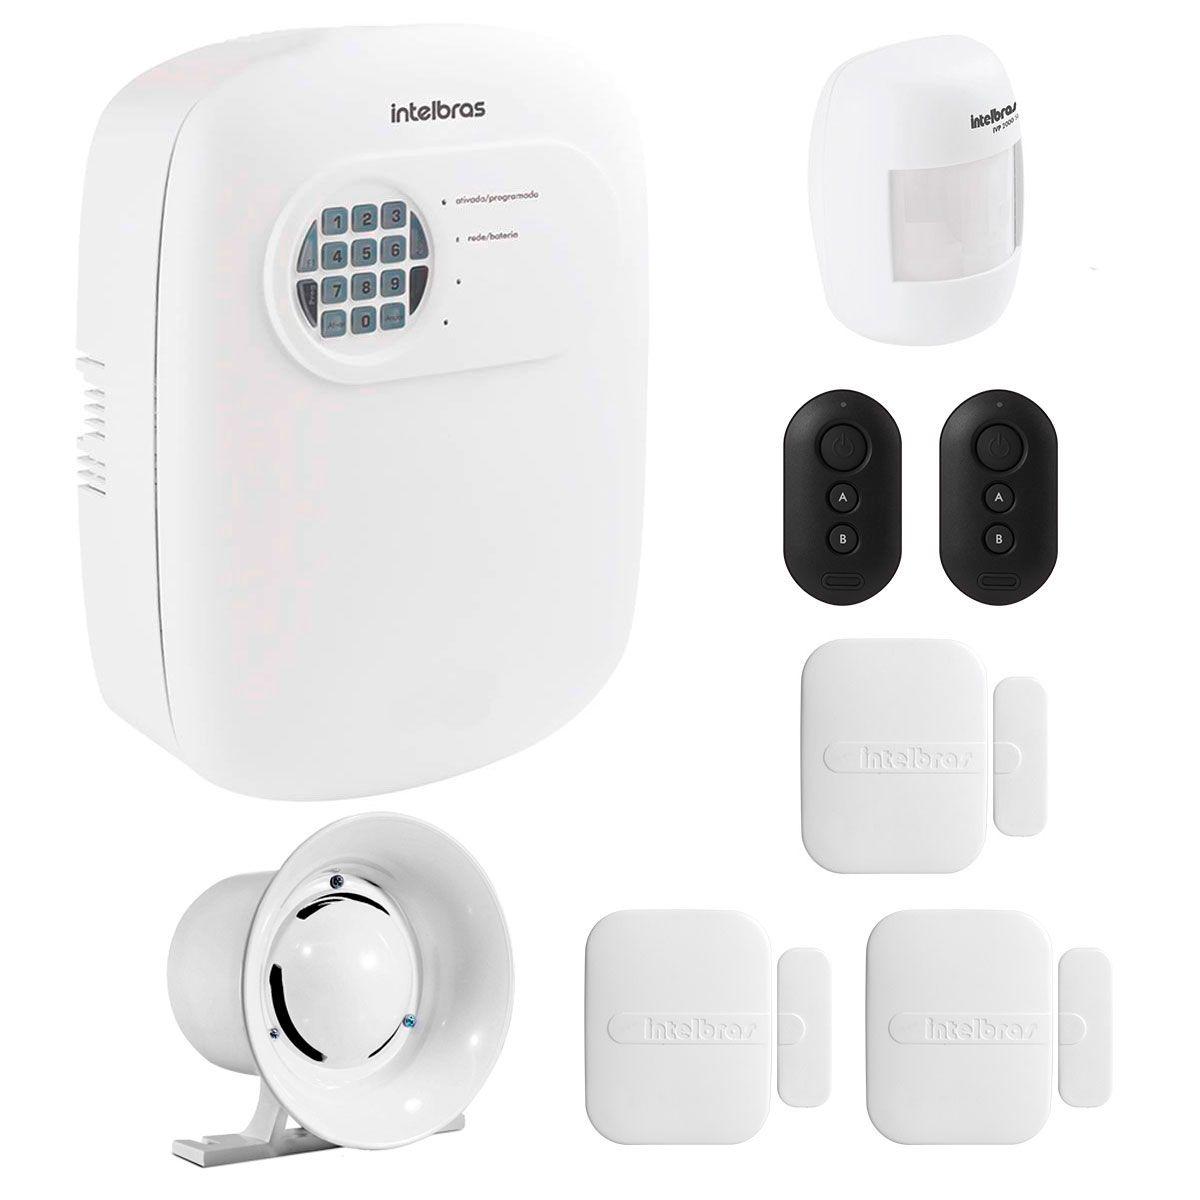 Kit de Alarme Intelbras ANM 3004 ST com 04 Sensores e Discadora por Telefone fixo Sem Fio  - Tudo Forte